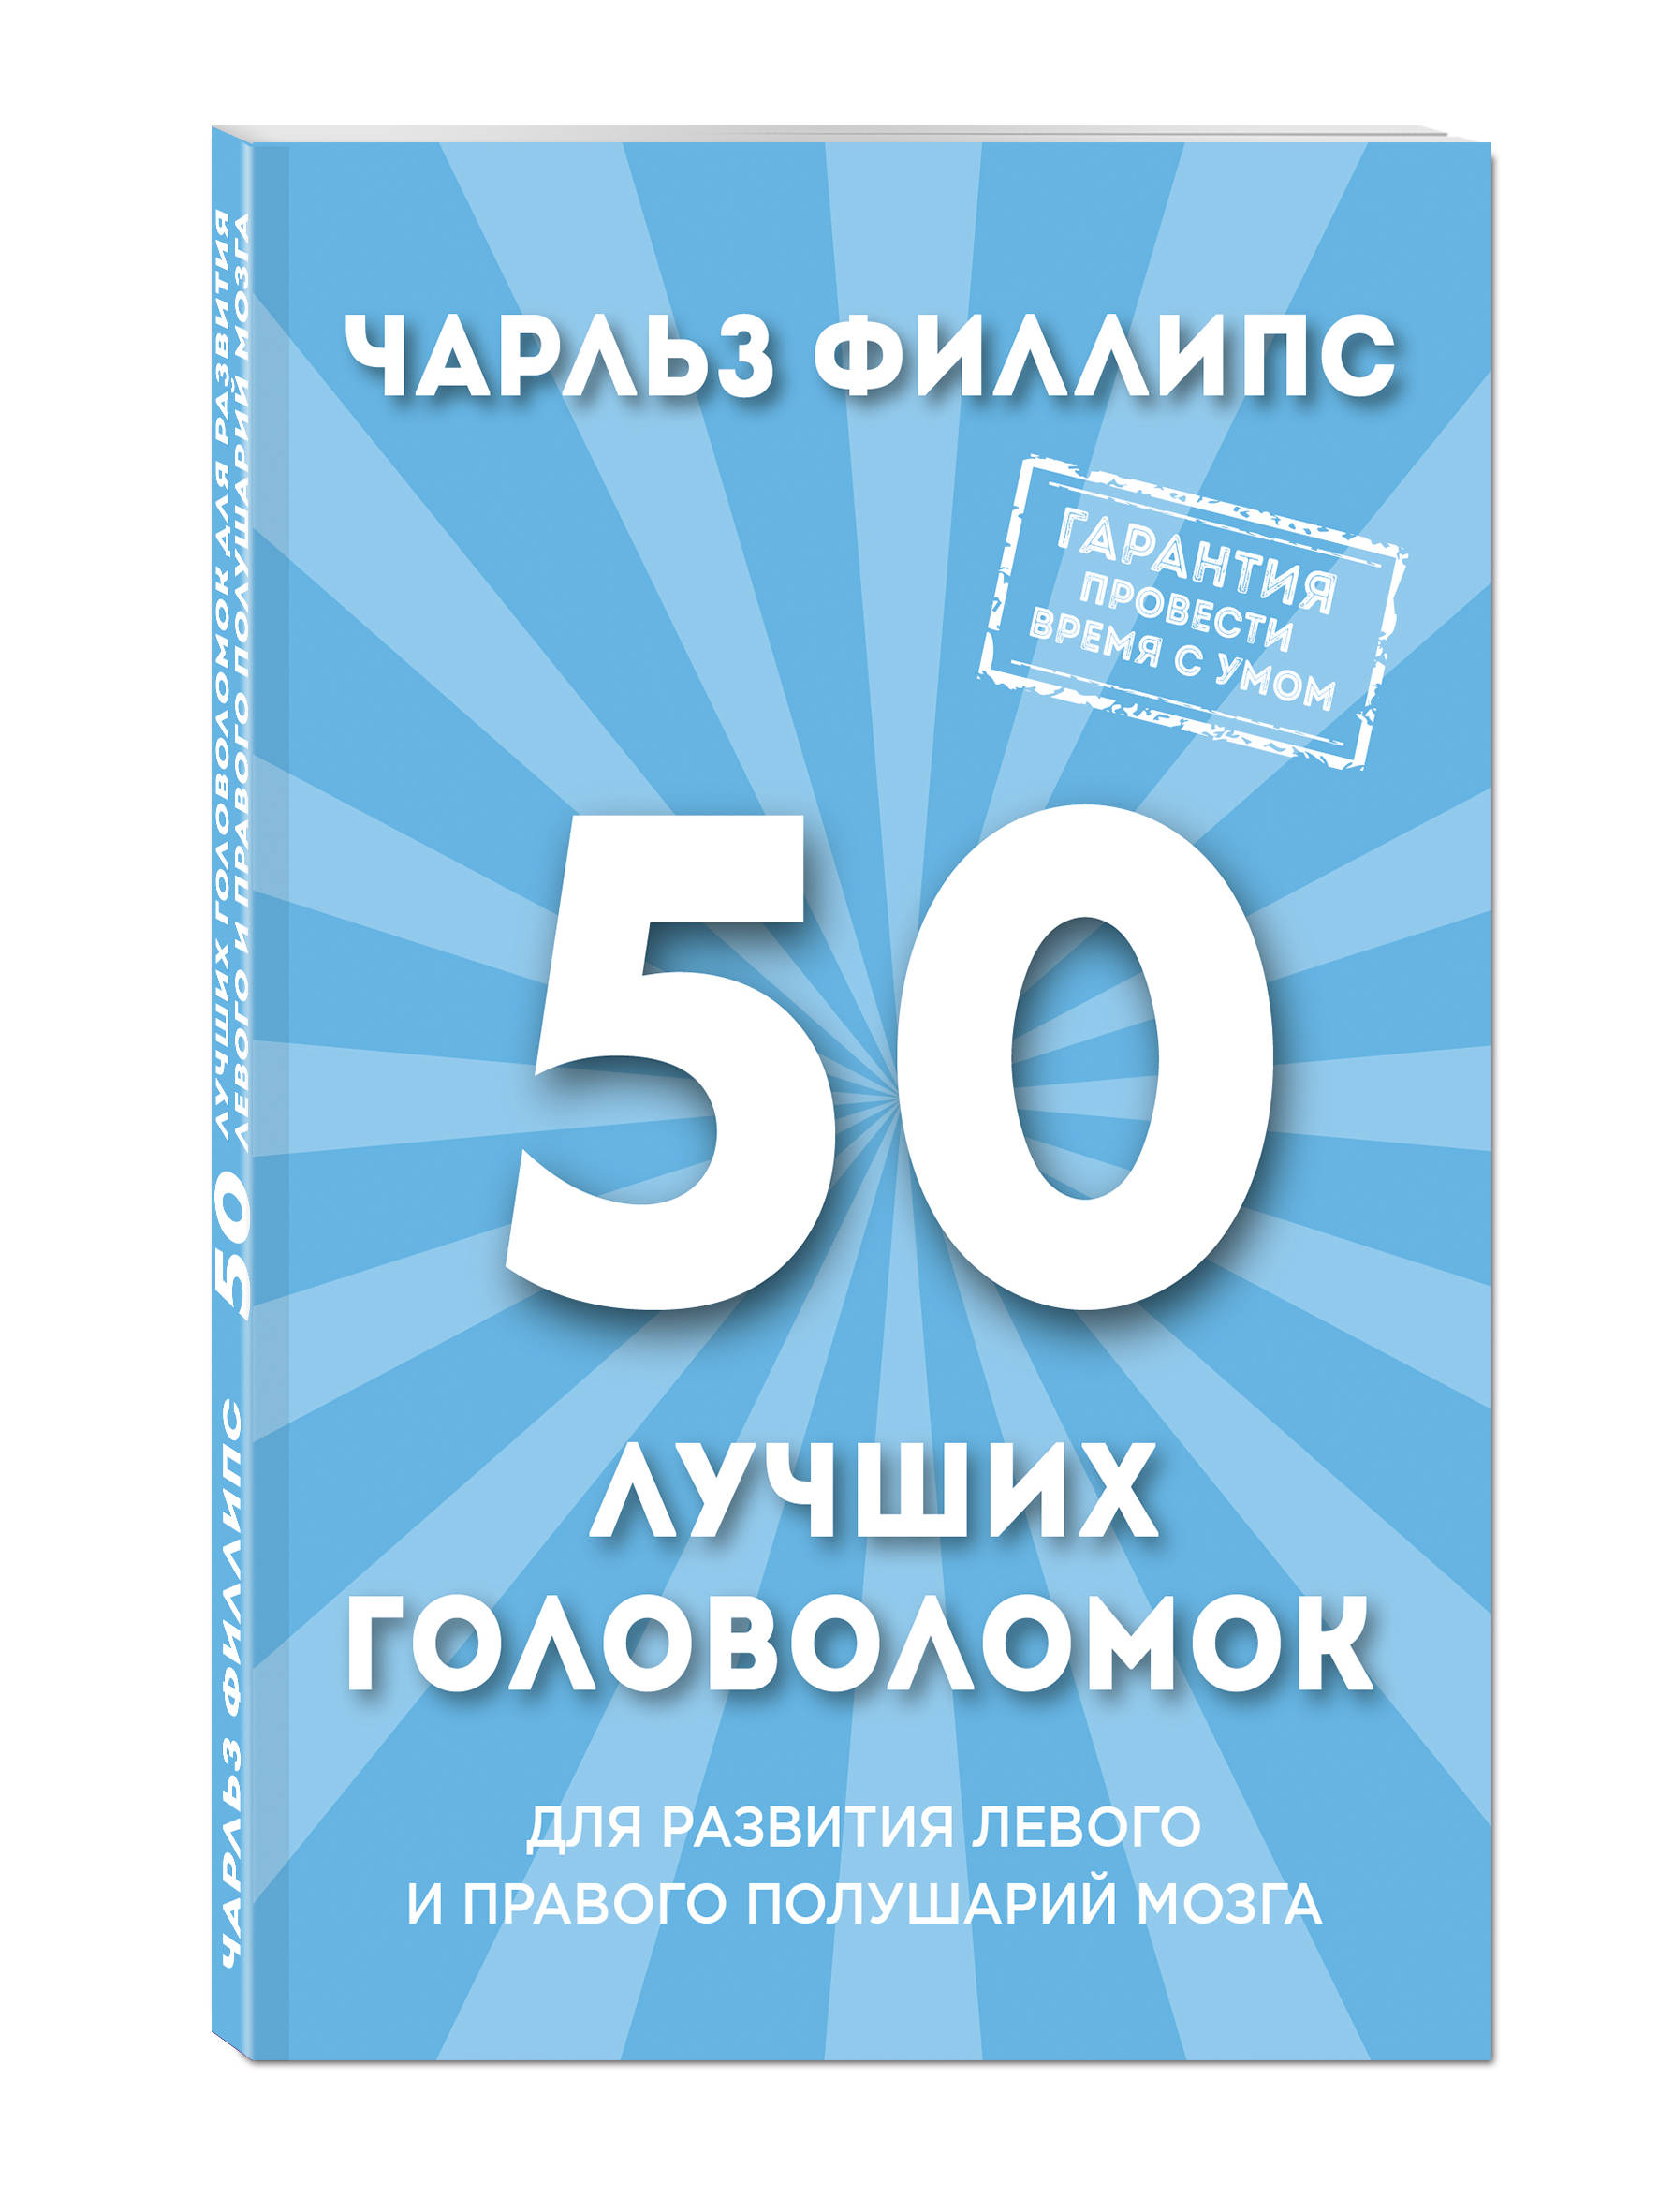 Чарльз Филлипс 50 лучших головоломок для развития левого и правого полушария мозга (нов. оф) чарльз филлипс левое и правое полушарие 25 25 задач для всесторонней тренировки мозга